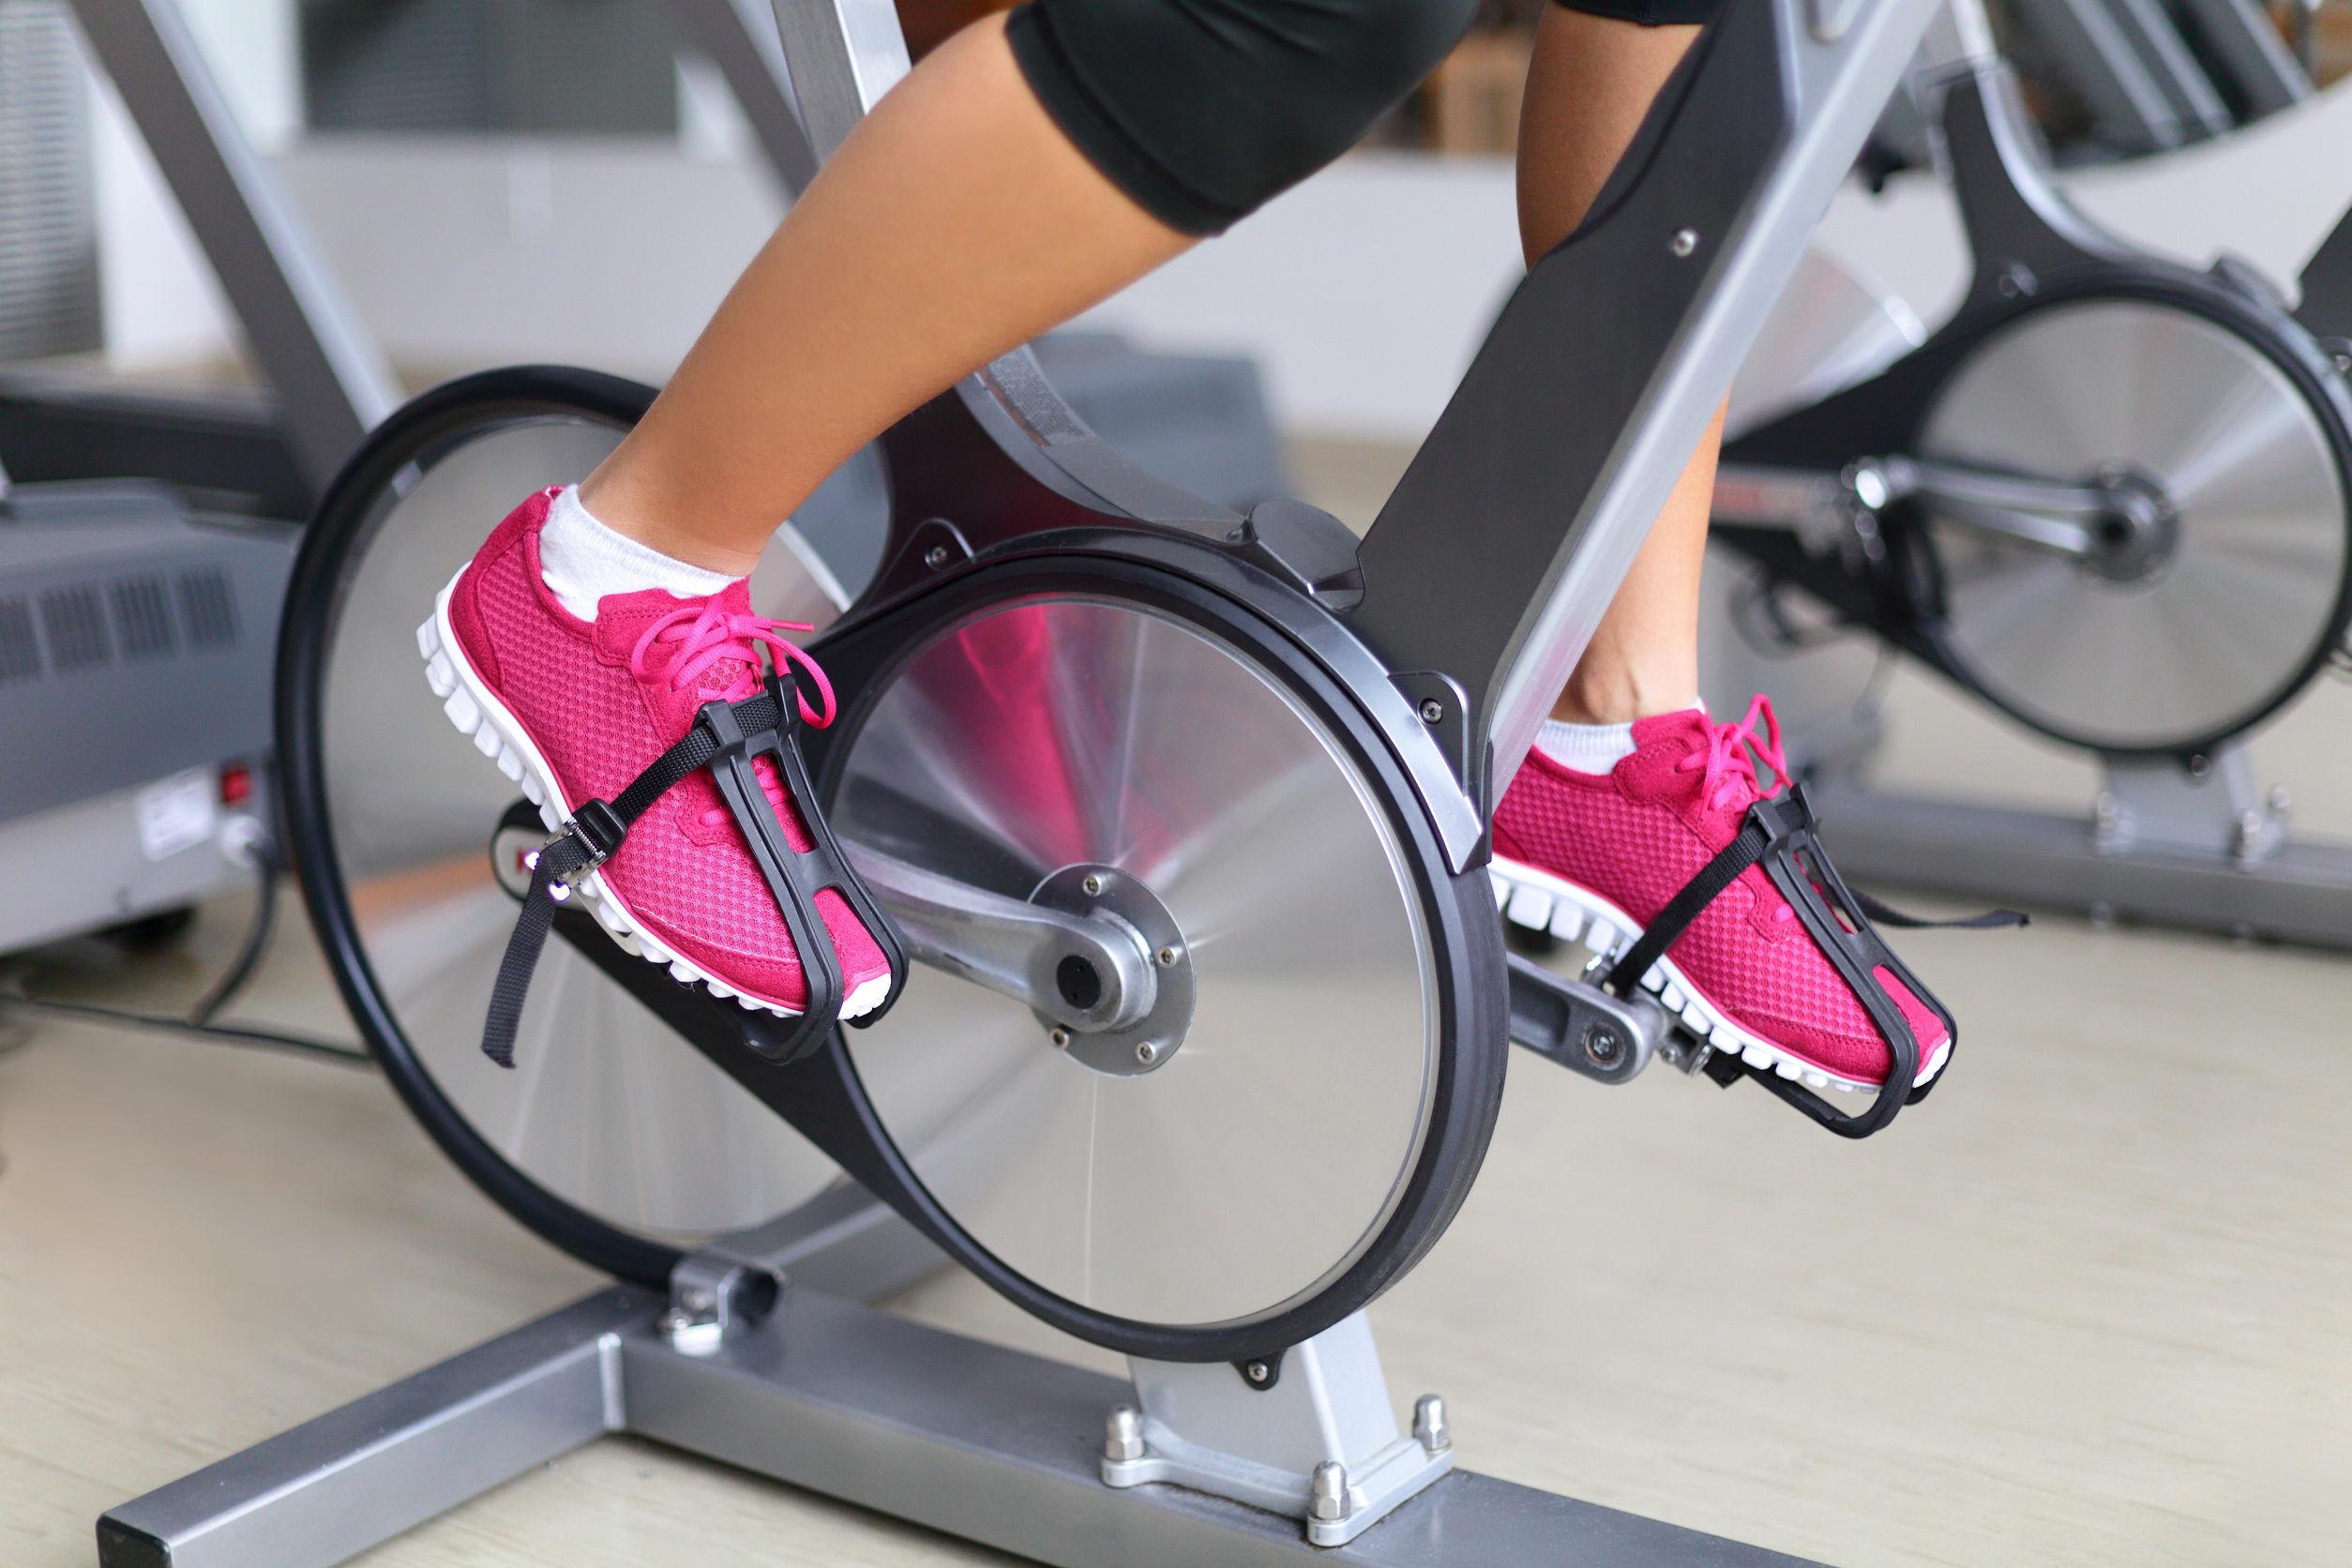 pés femininos em bicicleta, praticando o aeróbico em jejum